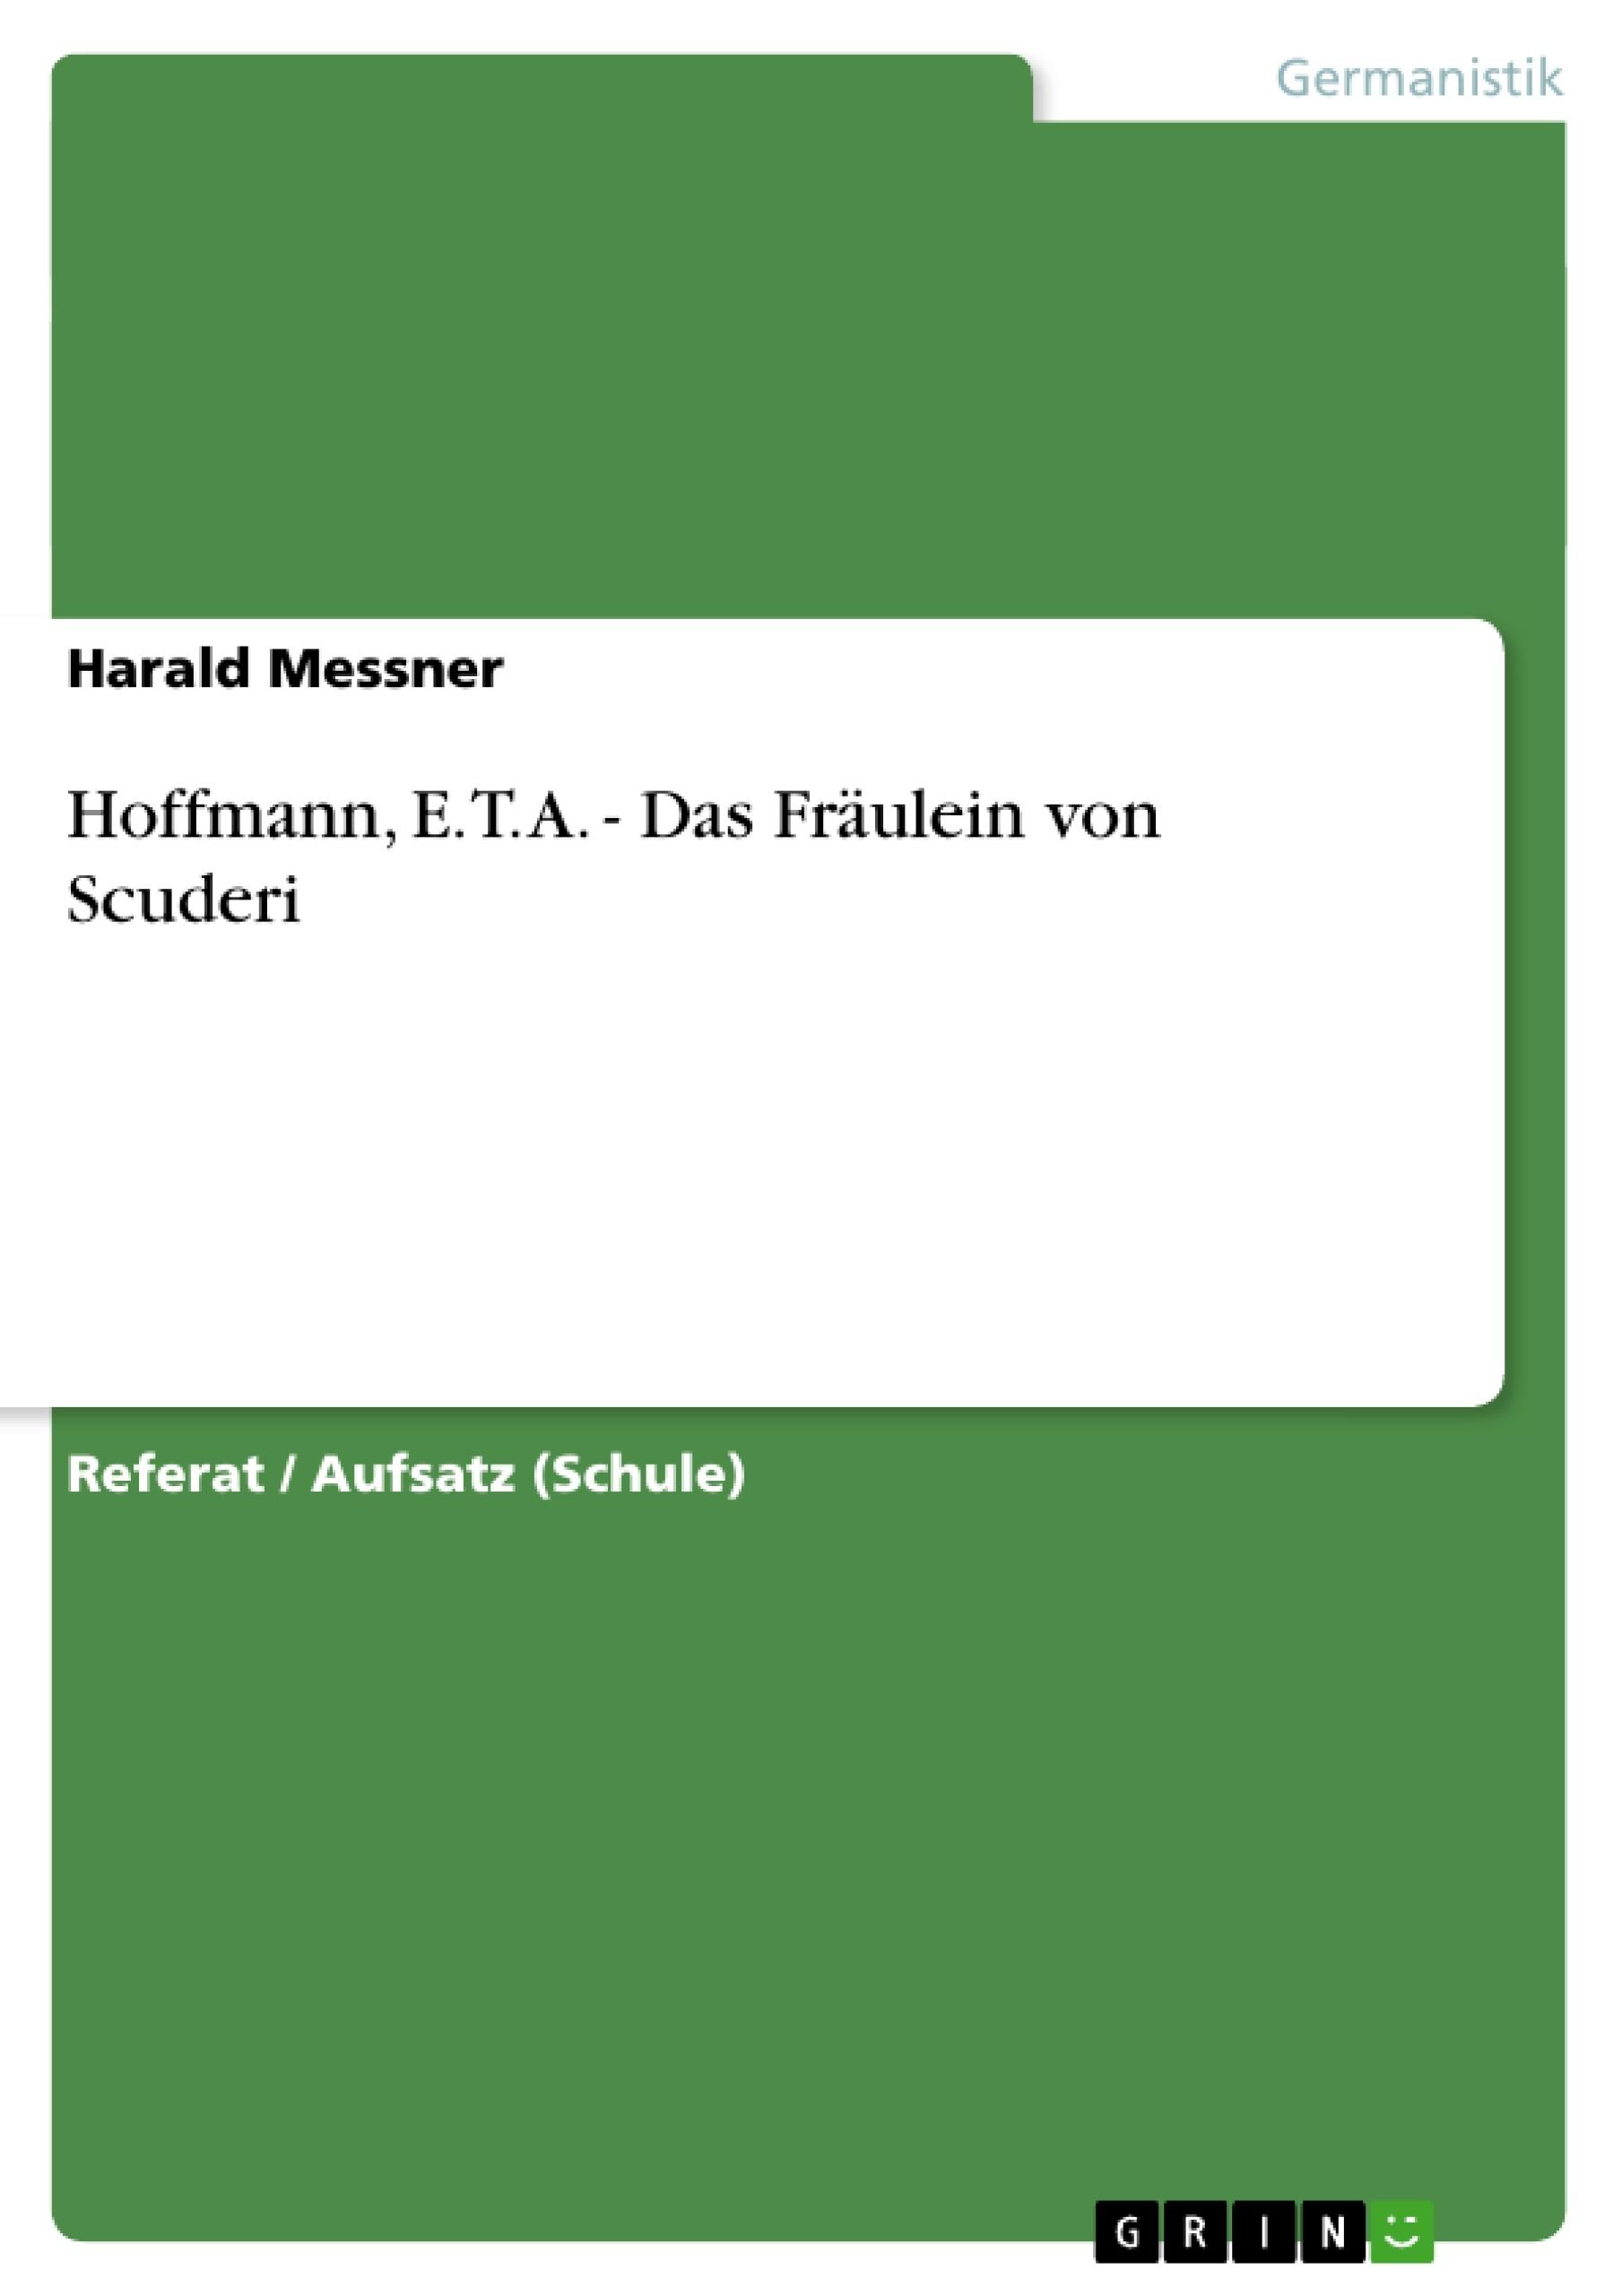 Titel: Hoffmann, E. T. A. - Das Fräulein von Scuderi